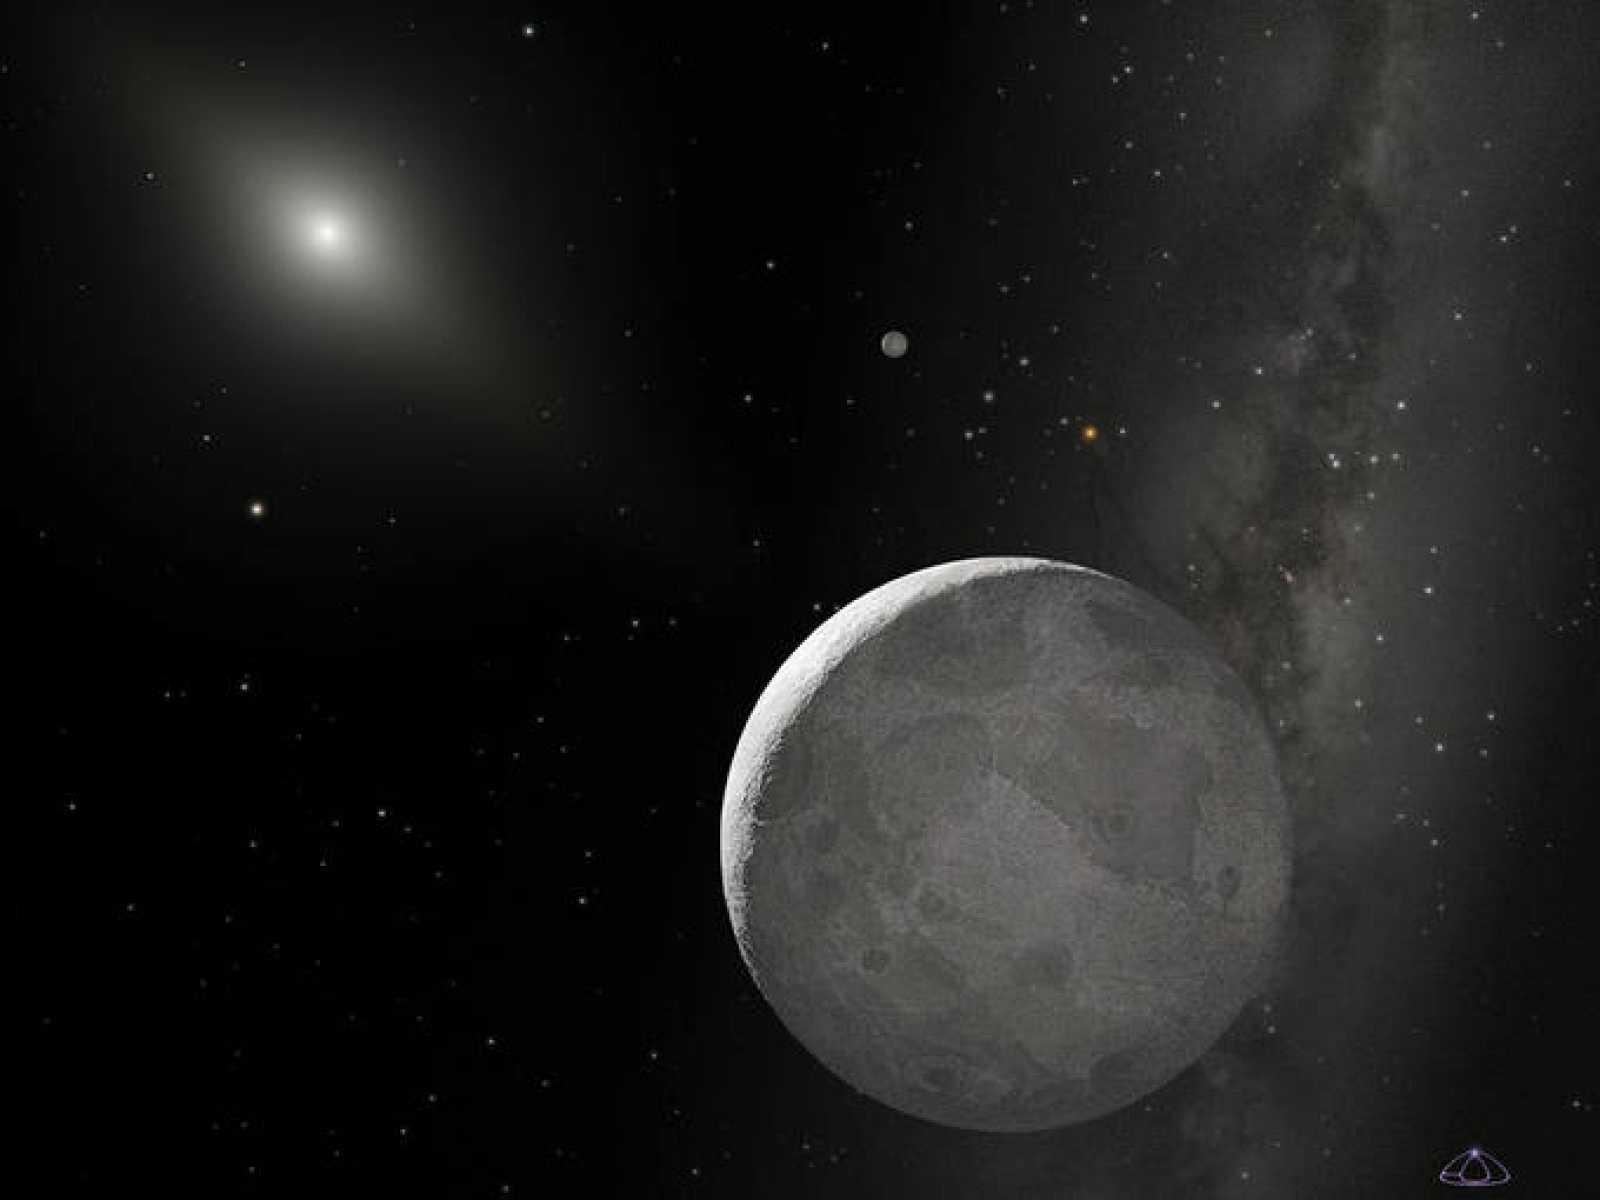 Concepción artística de Eris y su pequeño  satélite Disnomia. La enorme distancia que separa a Eris del Sol hace que éste aparezca tenue